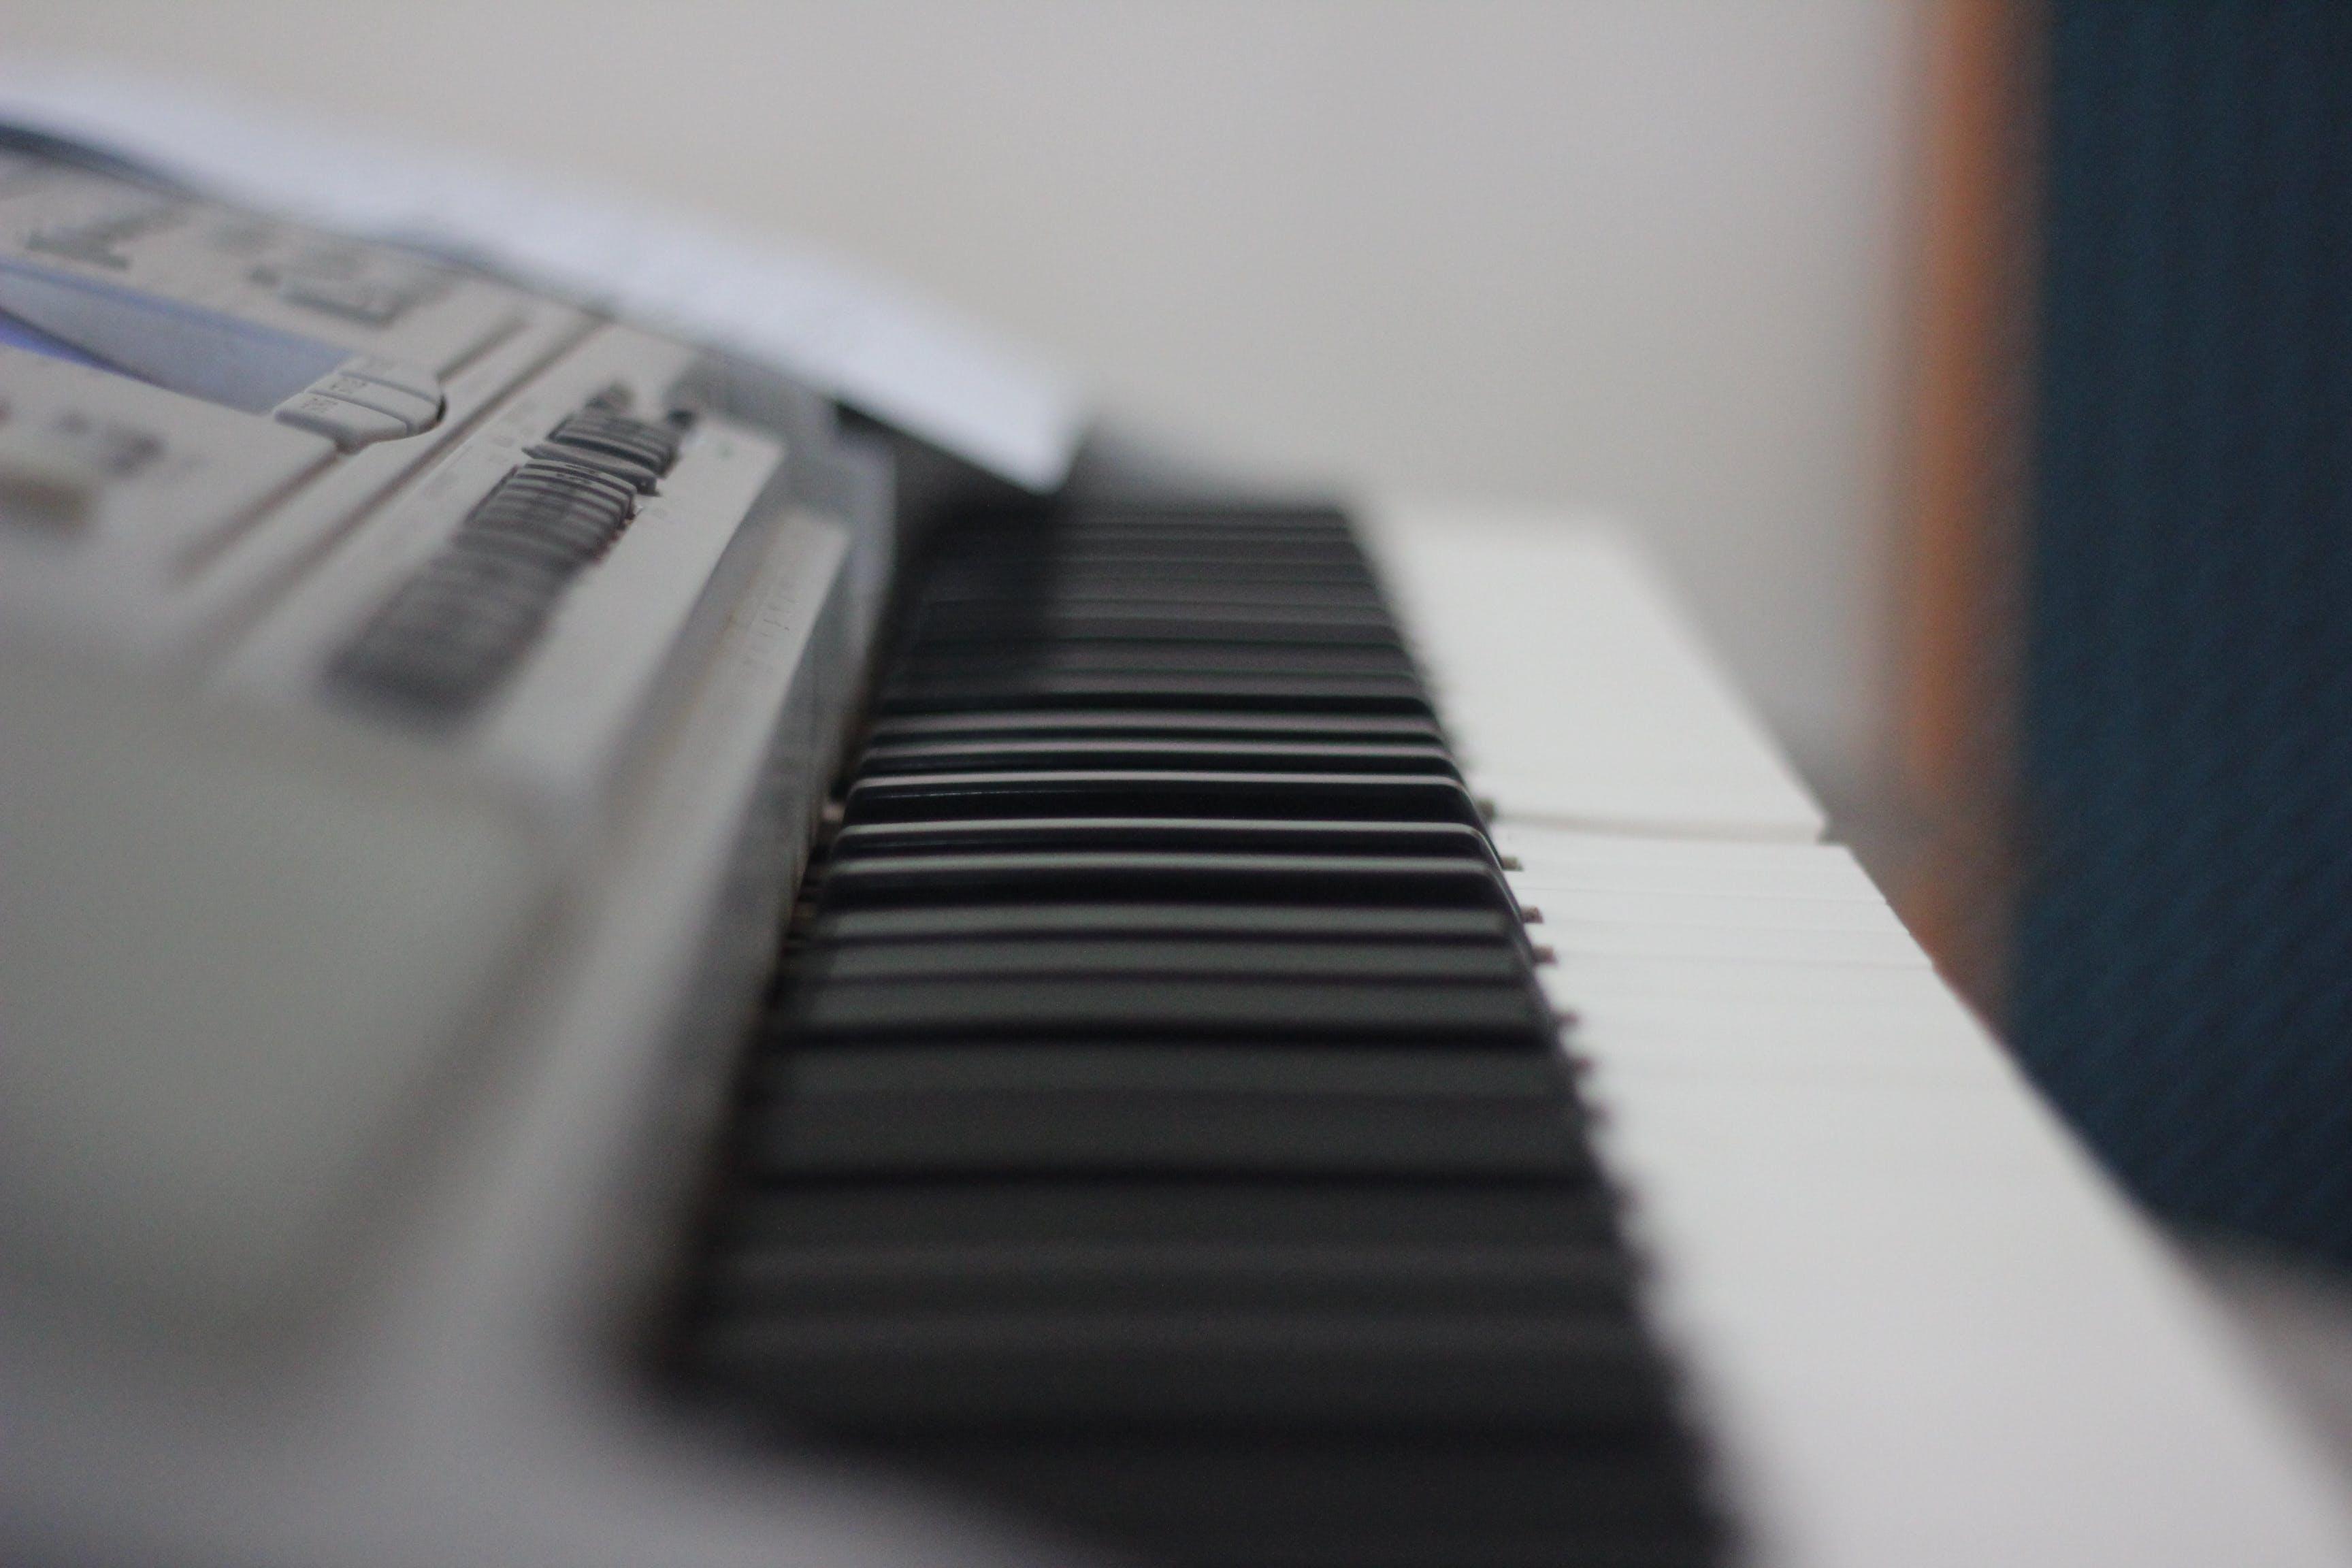 Free stock photo of piano keys